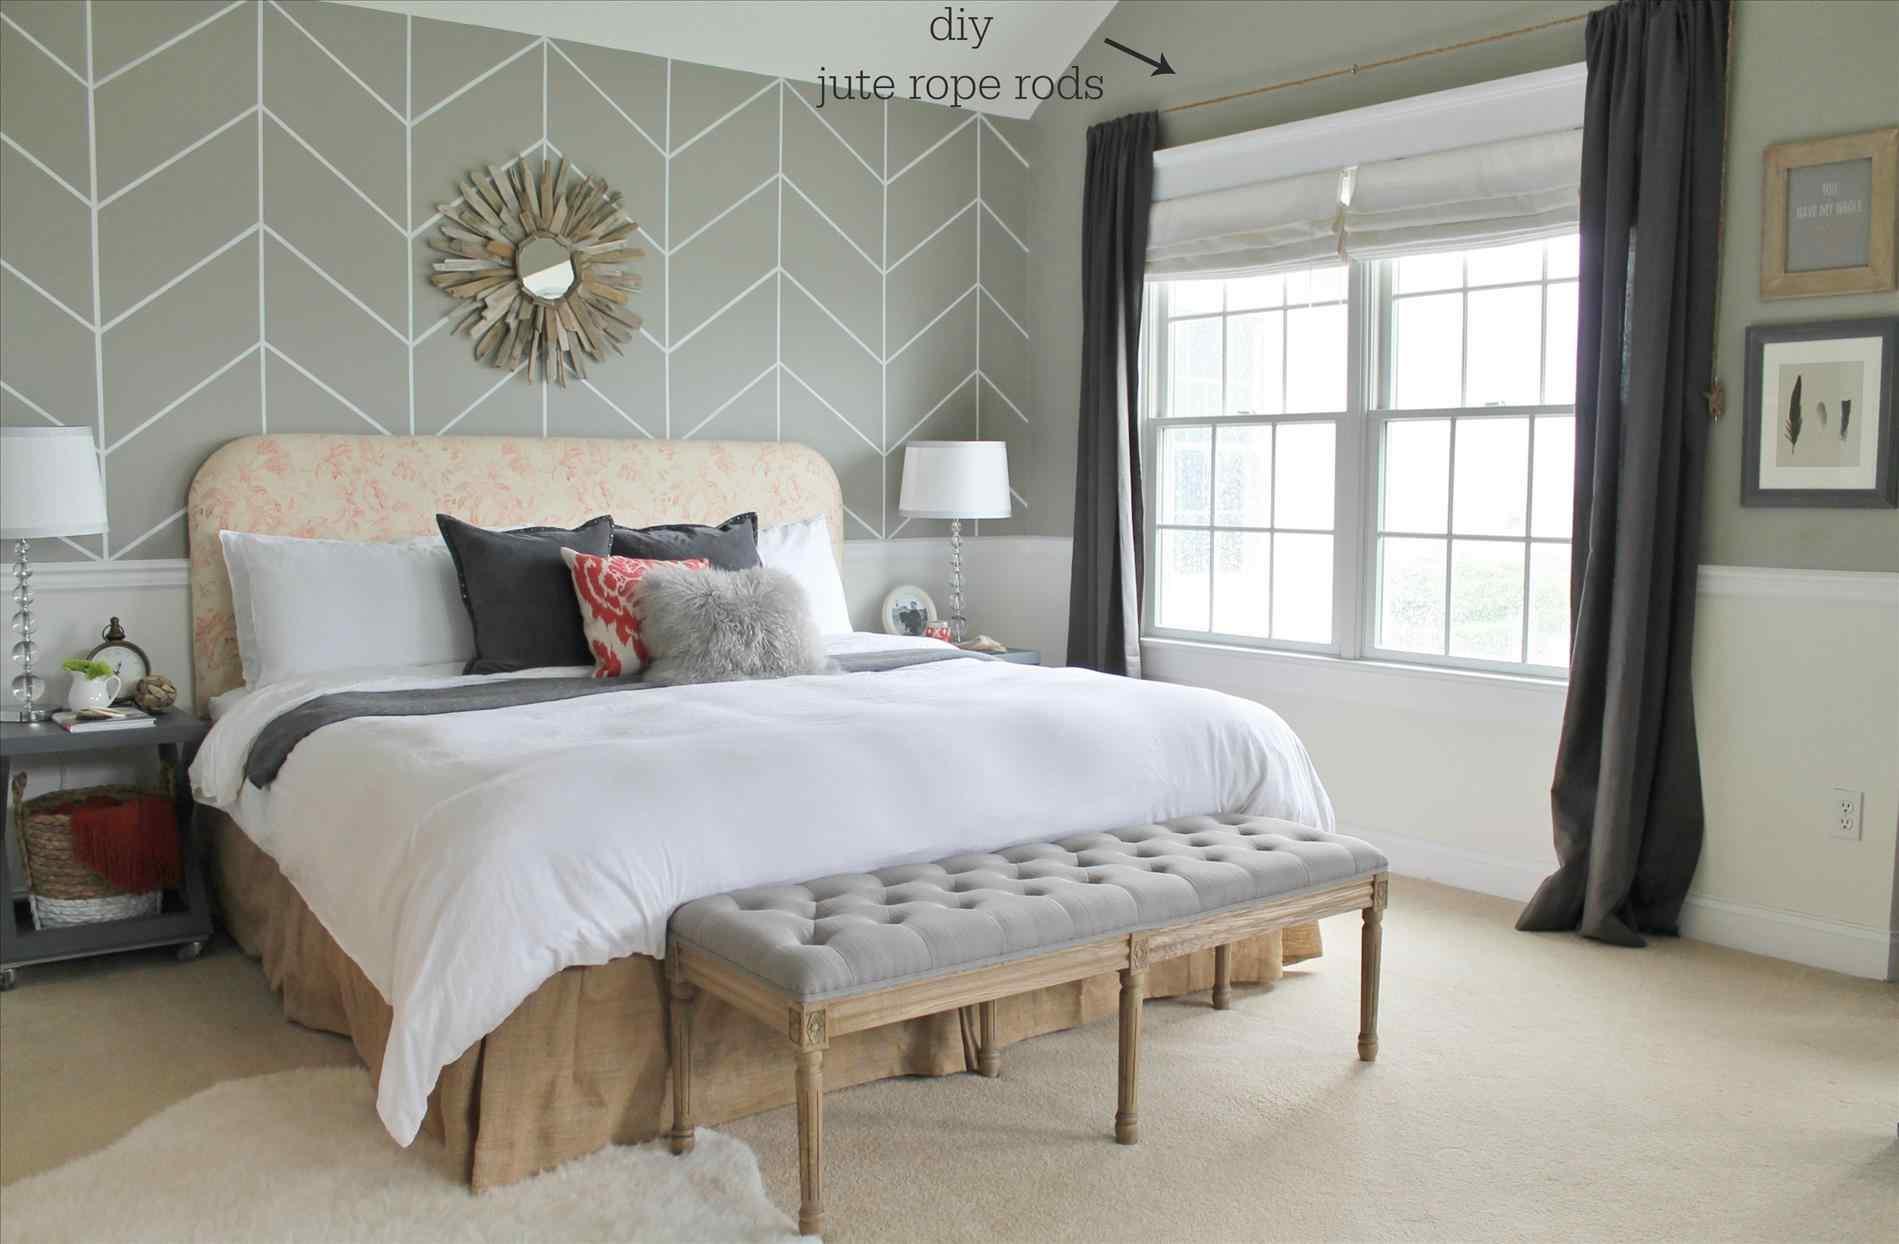 Impressive Wall Rhepartenairecom Inspiring Wallpaper - Bedroom Modern French Interior - HD Wallpaper